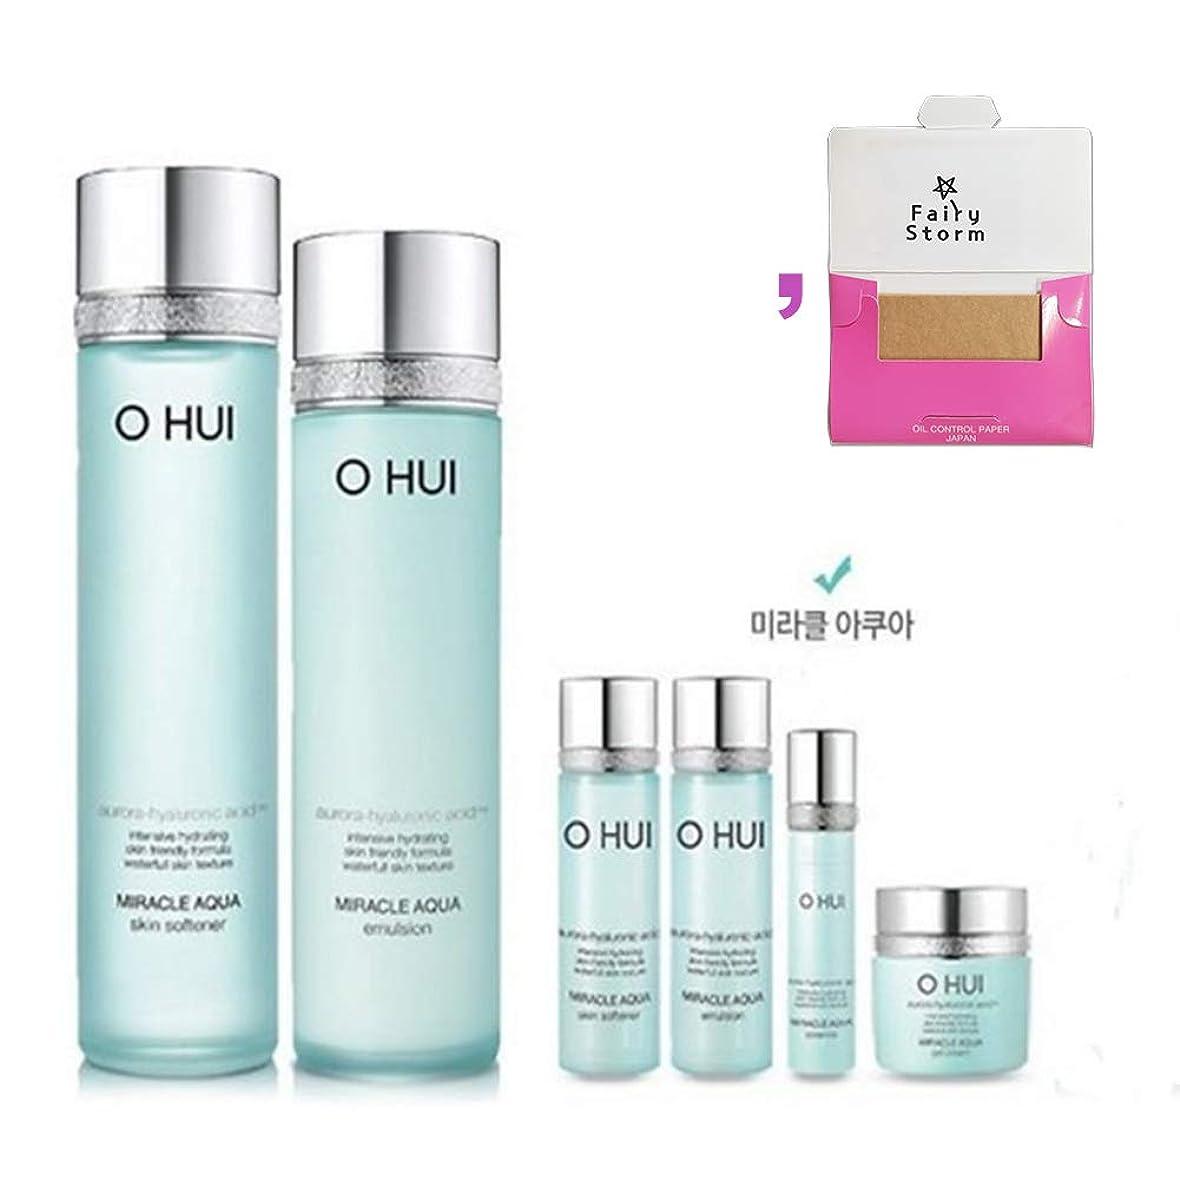 独特の発行船外[オフィ/ O HUI]韓国化粧品LG生活健康/ O HUI MIRACLE AQUA SPECIAL SET/ミラクルアクア2種セット+[Sample Gift](海外直送品)